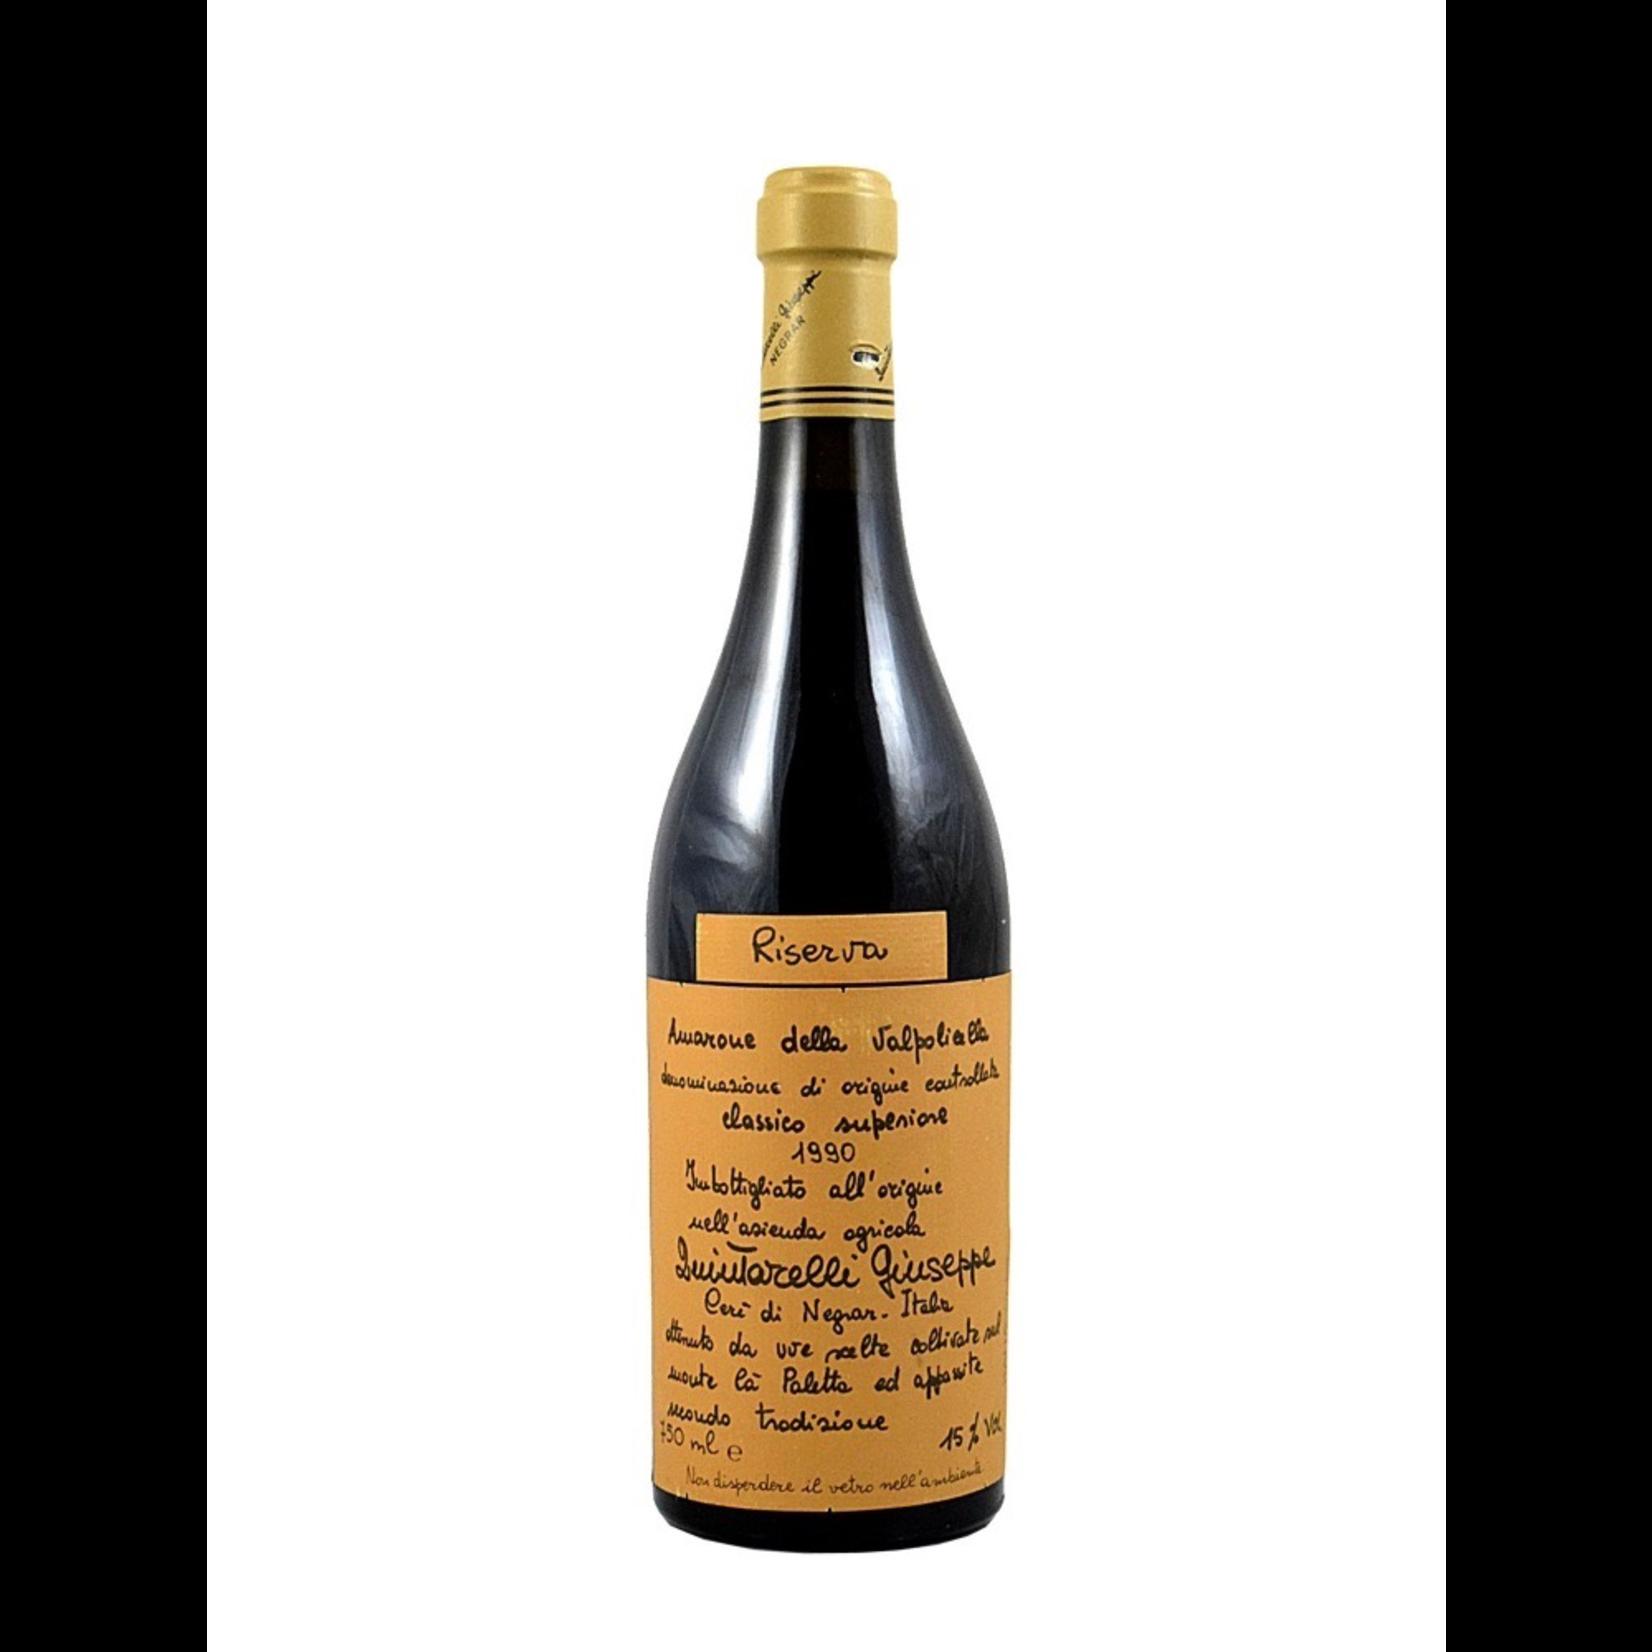 Wine Giuseppe Quintarelli Amarone della Valpolicella Riserva 1990